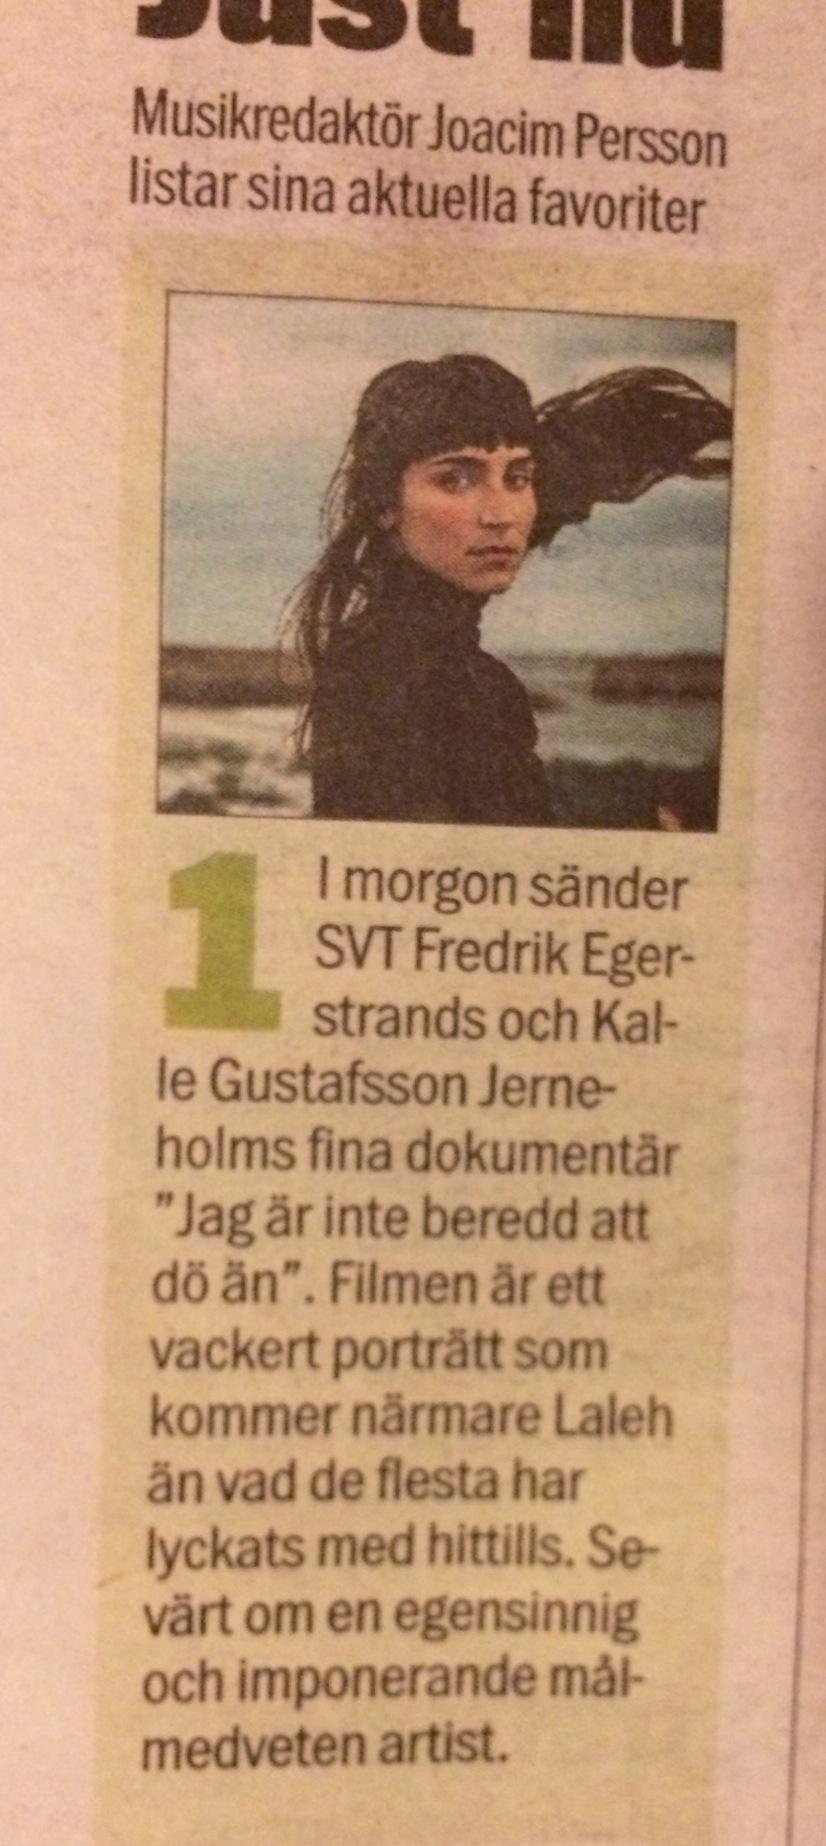 Tips i Aftonbladet - Jag är inte beredd att dö än.jpg